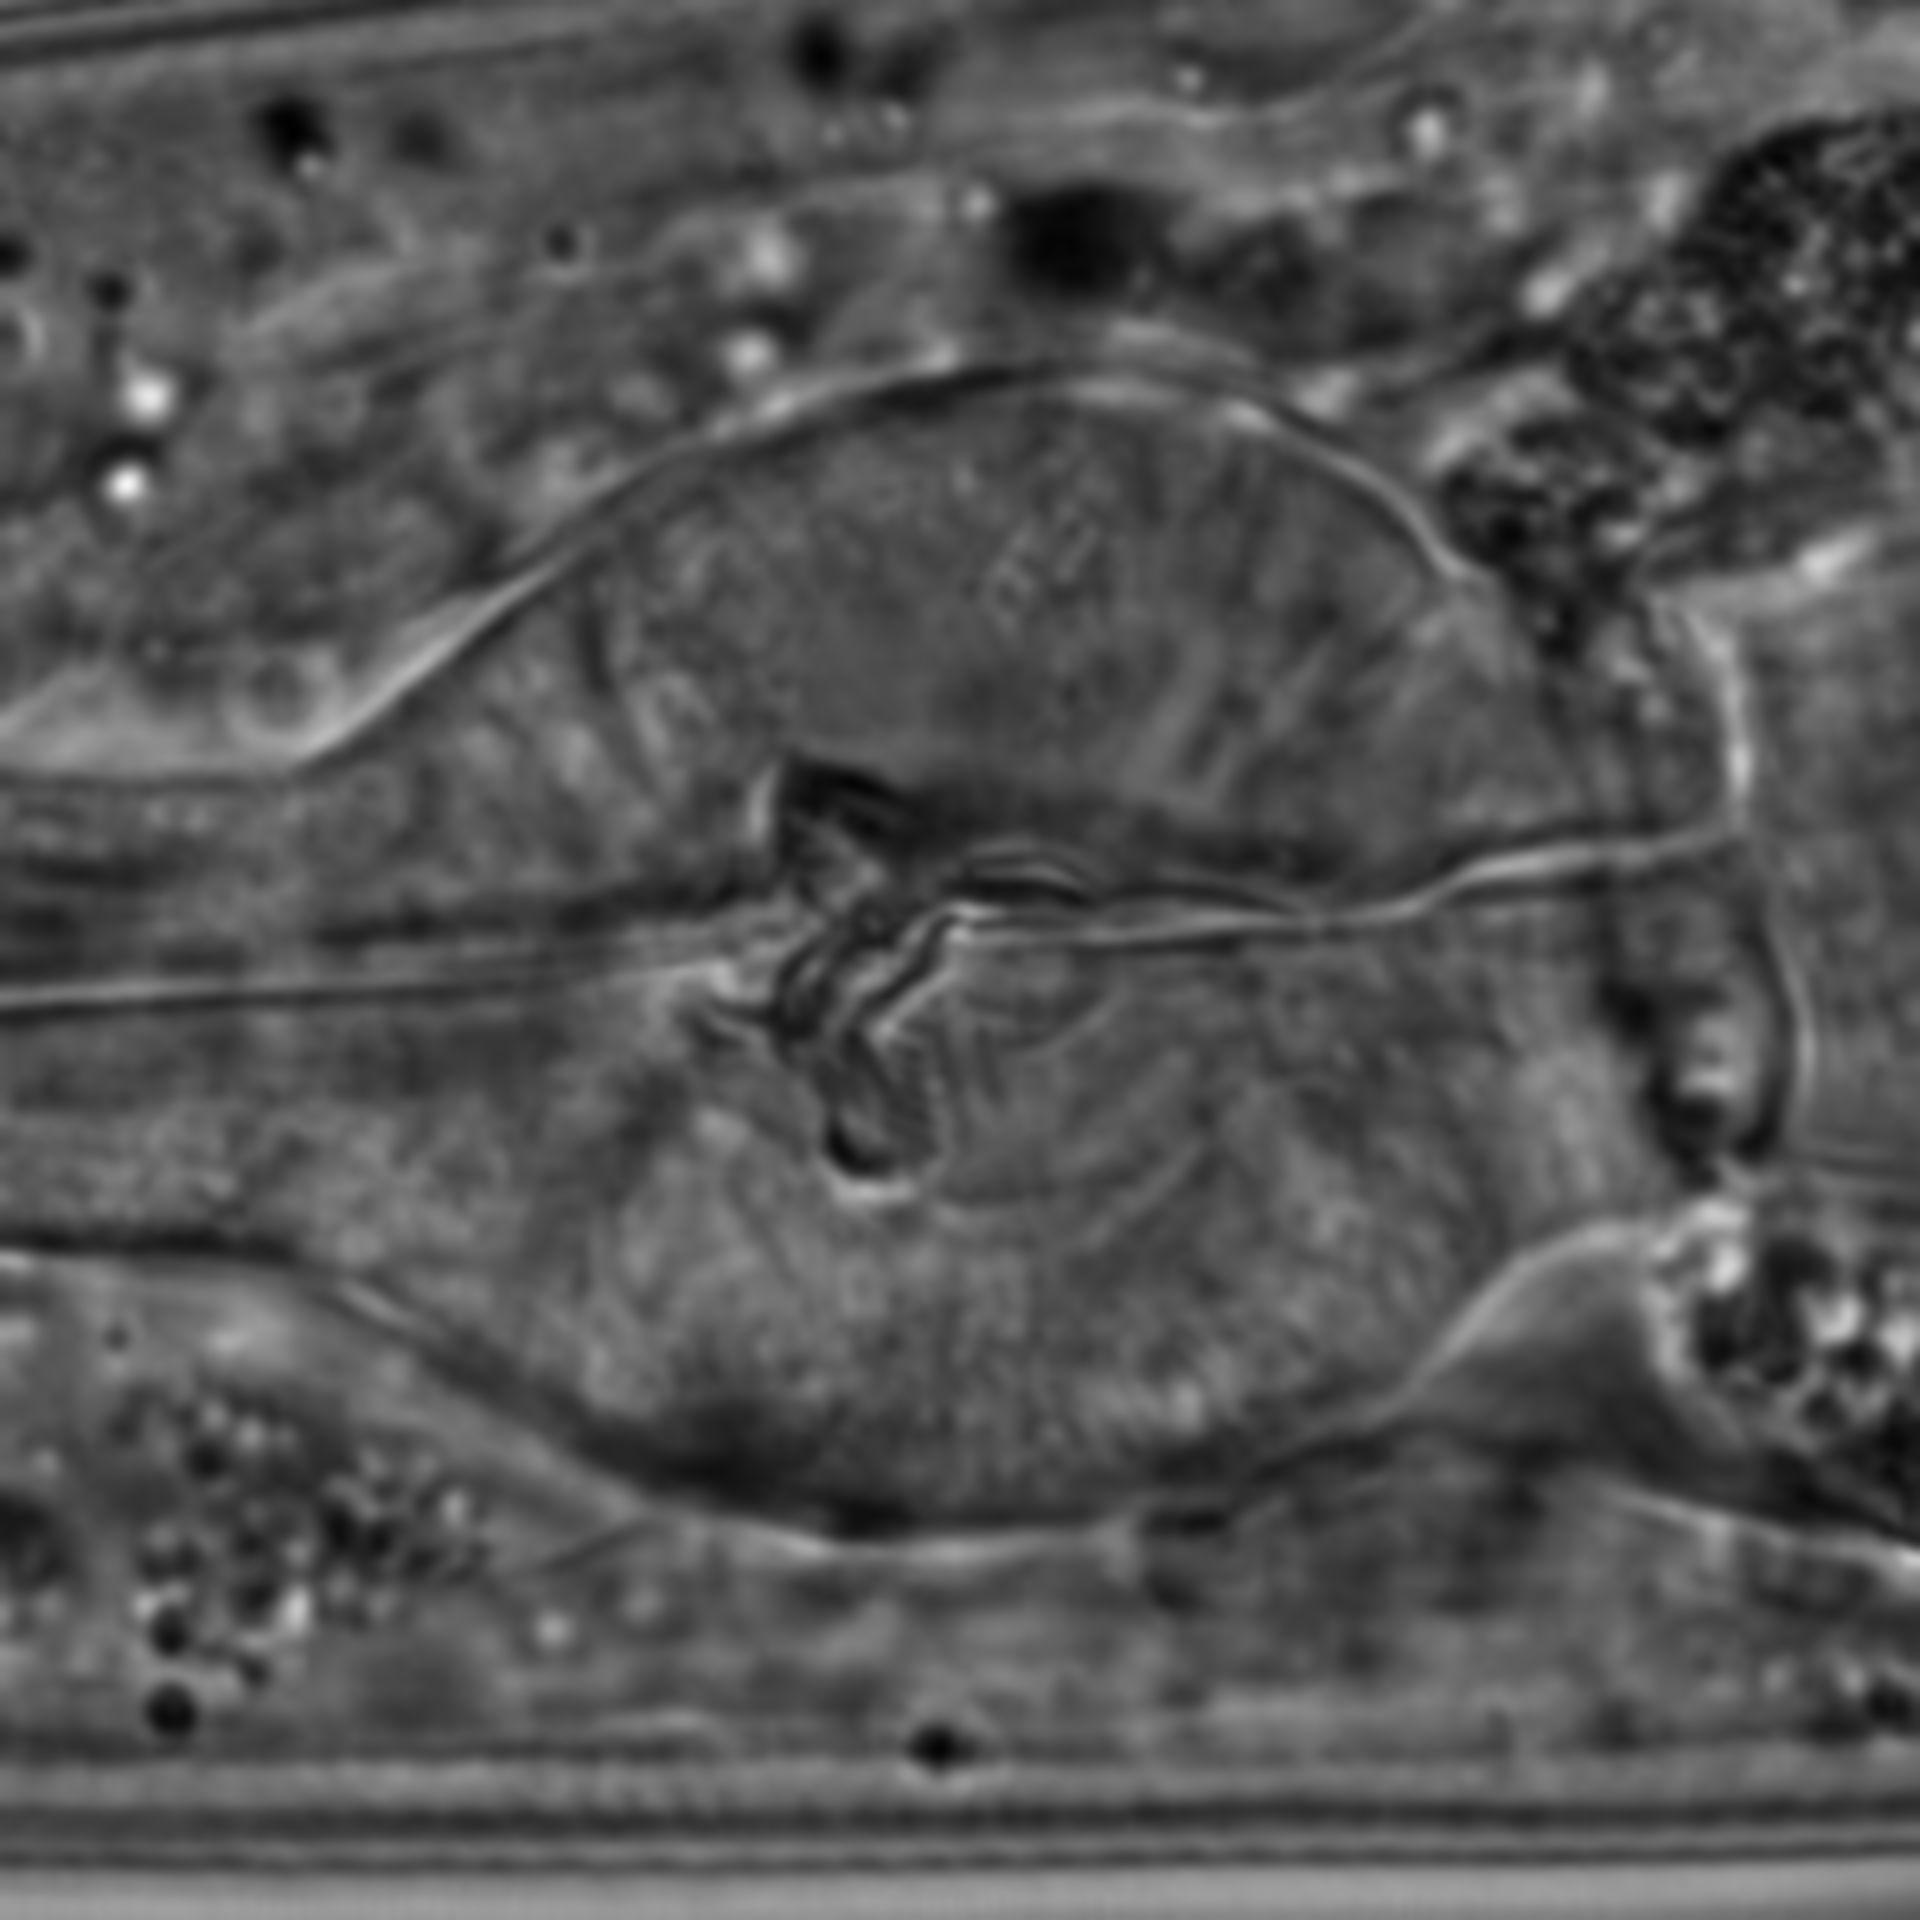 Caenorhabditis elegans - CIL:1601